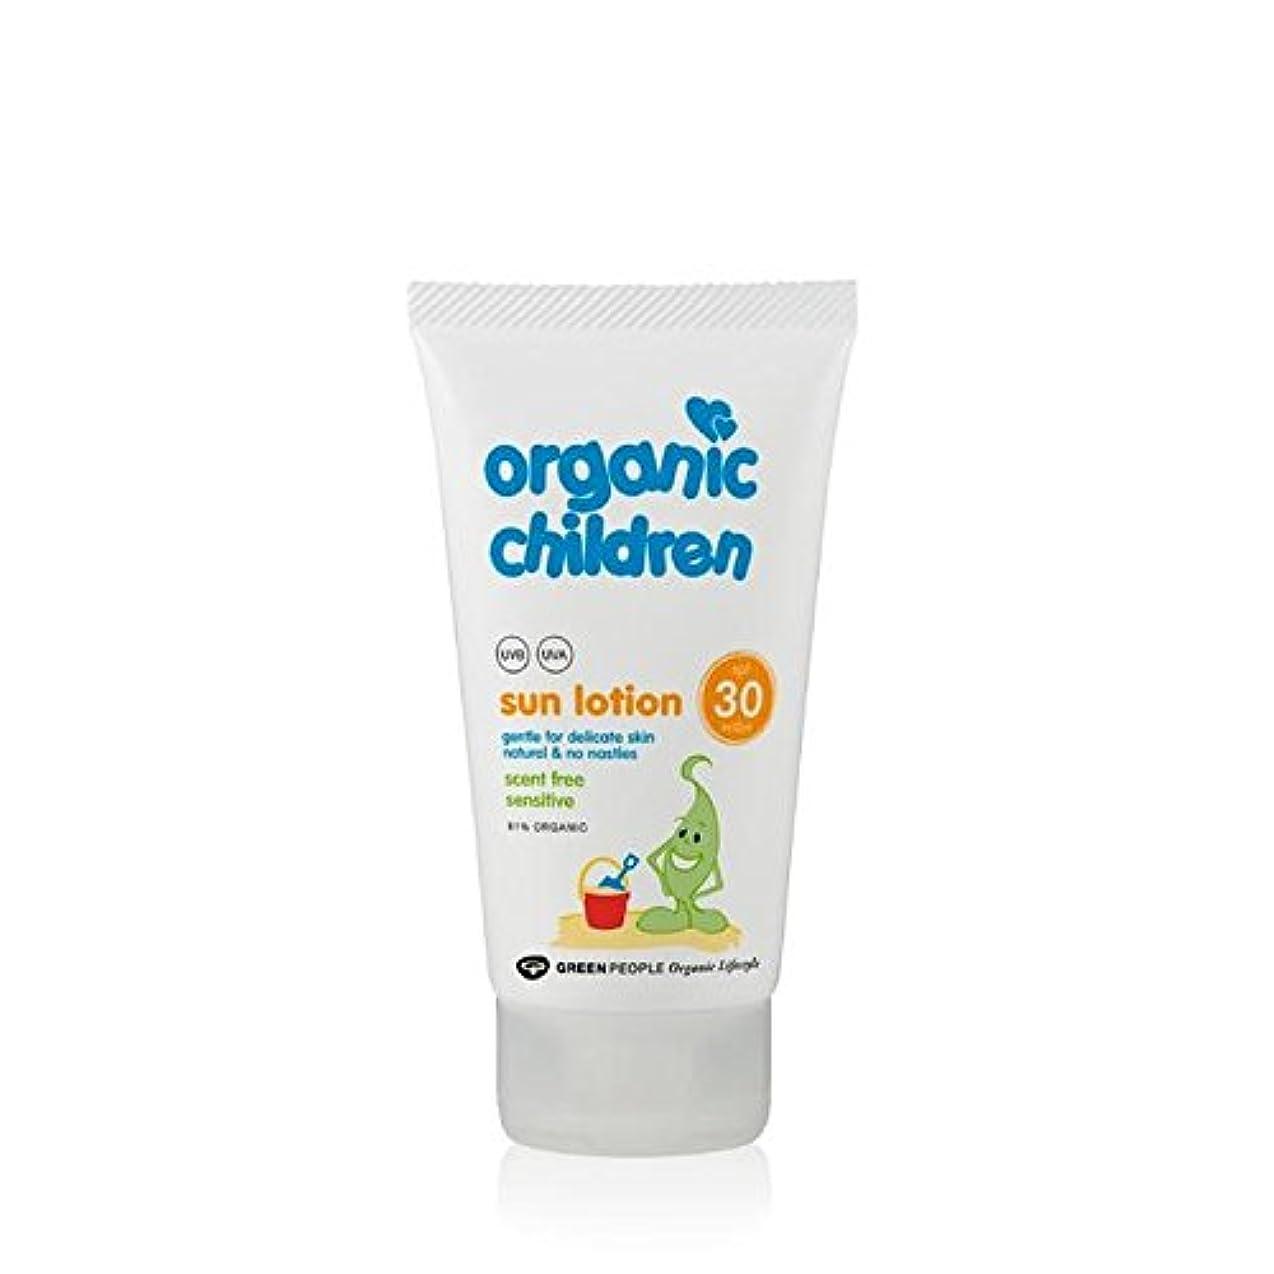 前方へ単に理想的有機子ども30の香り無料のサンローション150 x2 - Organic Children SPF30 Scent Free Sun Lotion 150ml (Pack of 2) [並行輸入品]